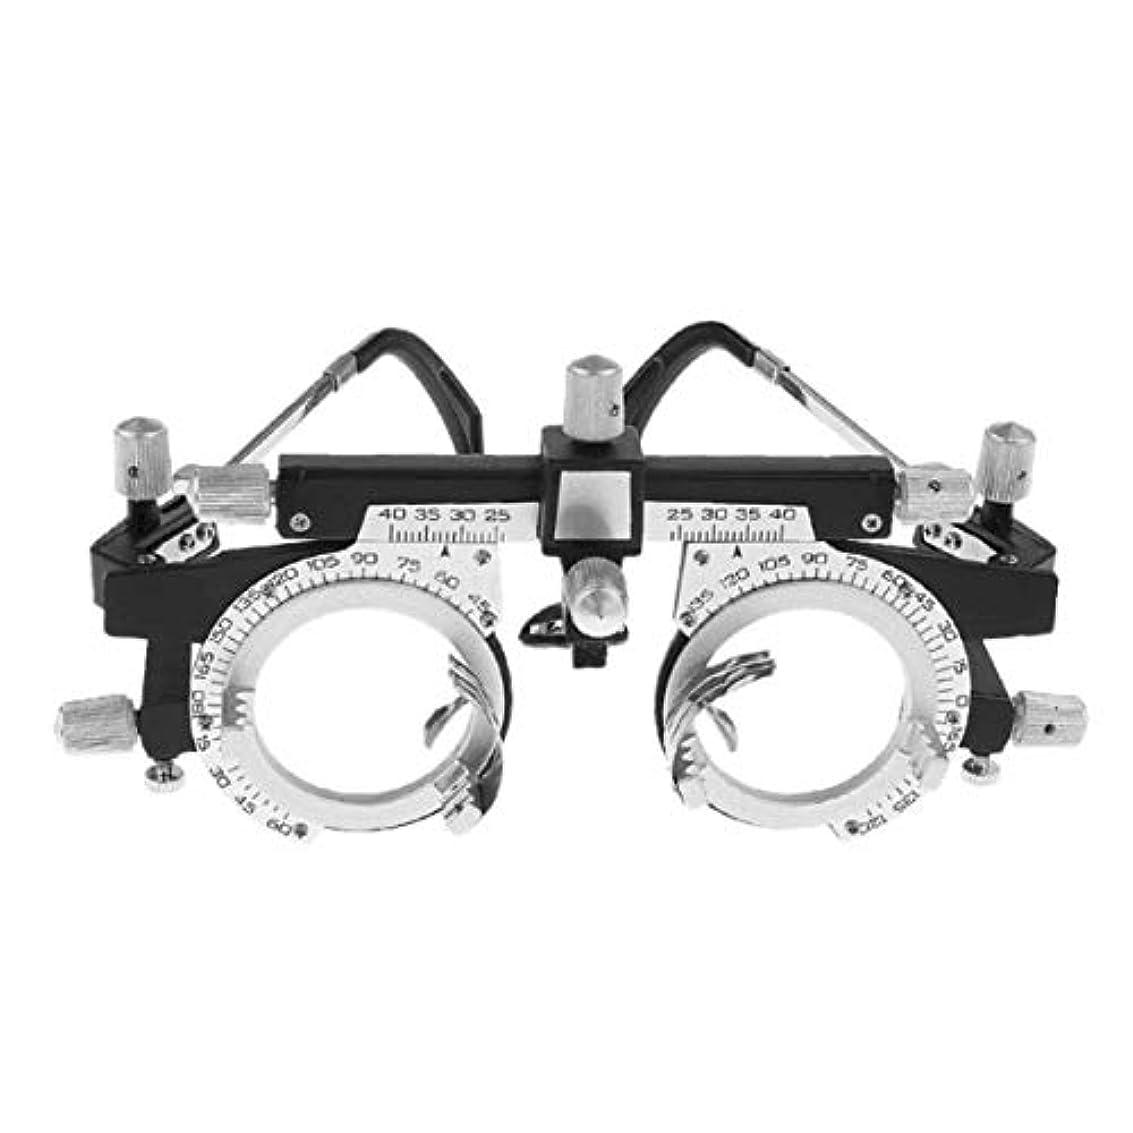 温室エチケットインシデント調節可能なプロフェッショナルアイウェア検眼メタルフレーム光学オプティクストライアルレンズメタルフレームPDメガネアクセサリー - シルバー&ブラック